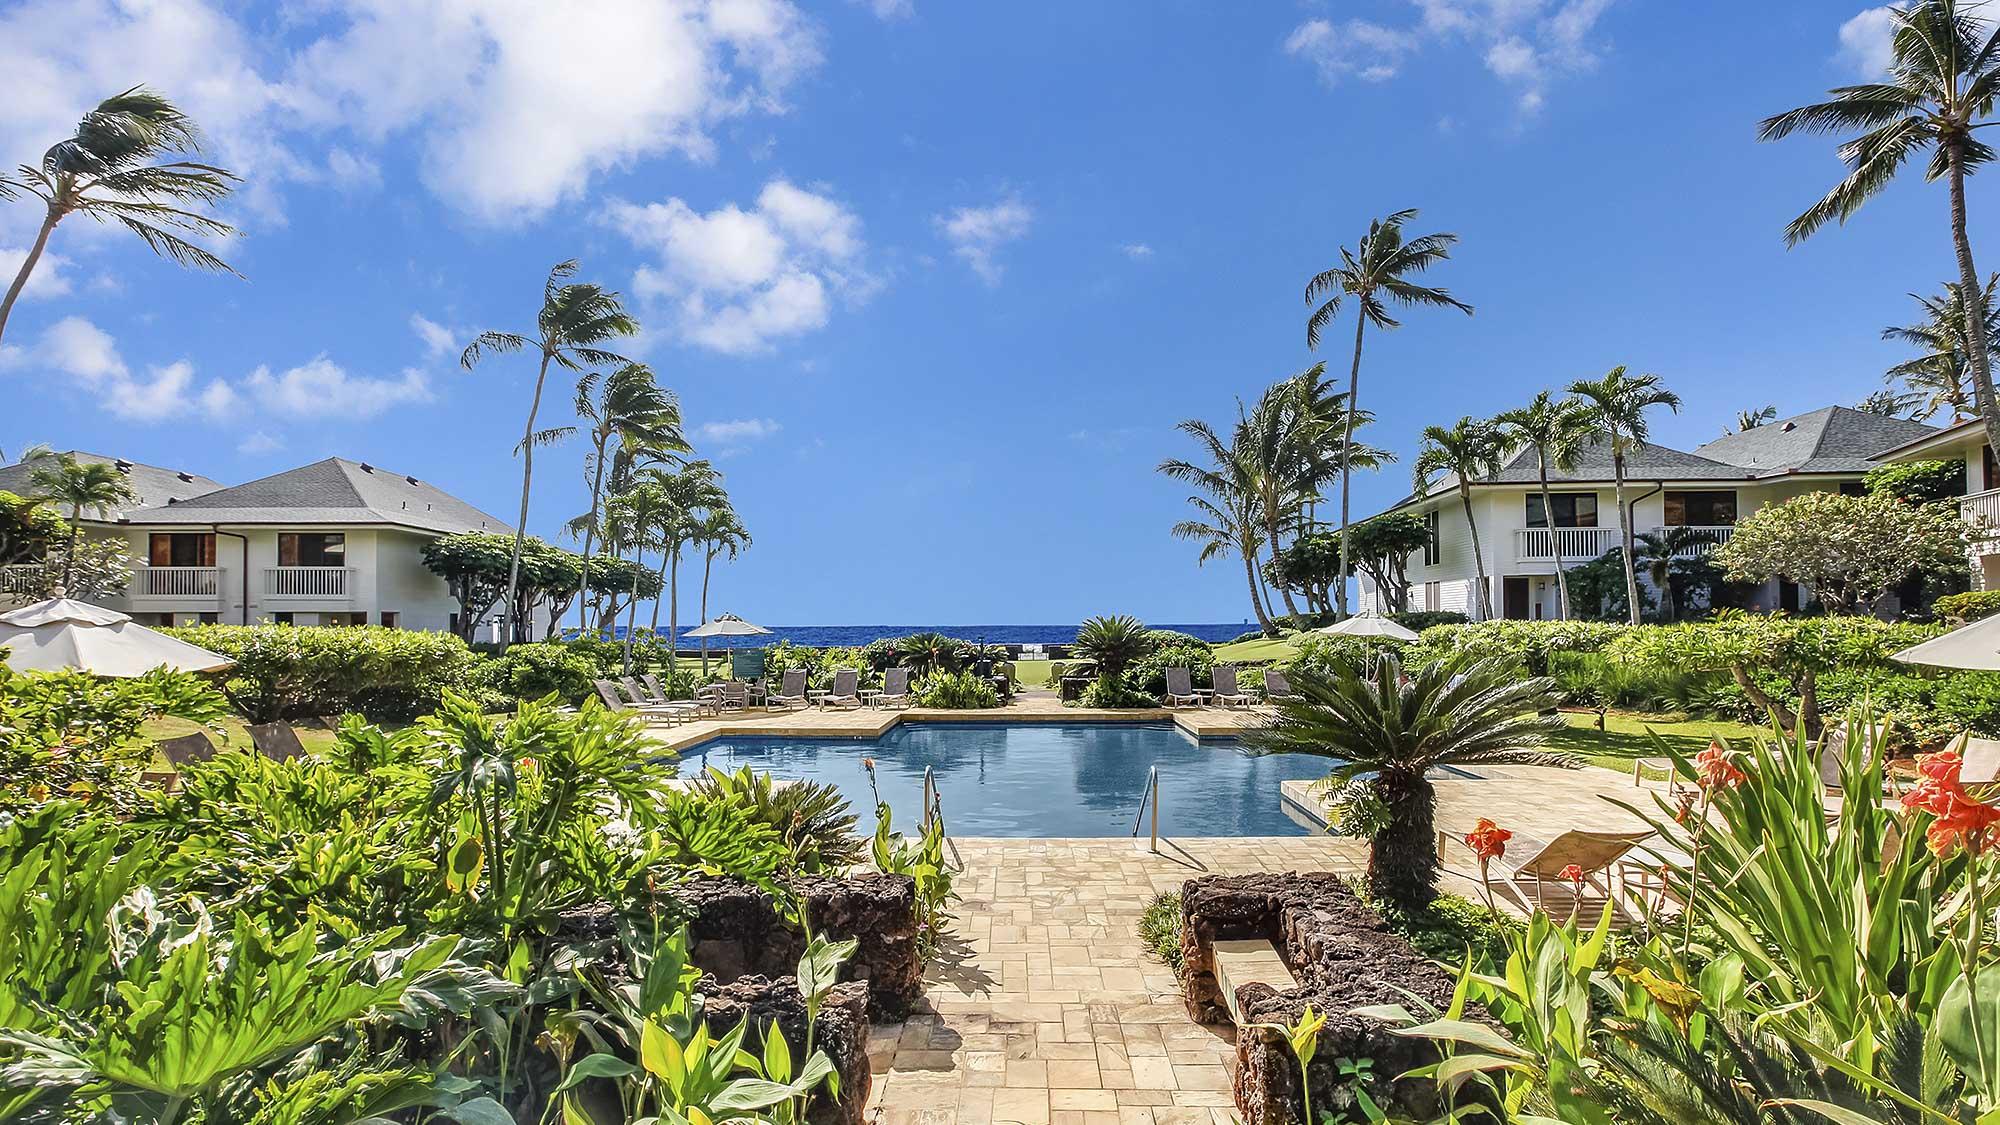 Poipu Kapili Resort 3 - Parrish Kauai